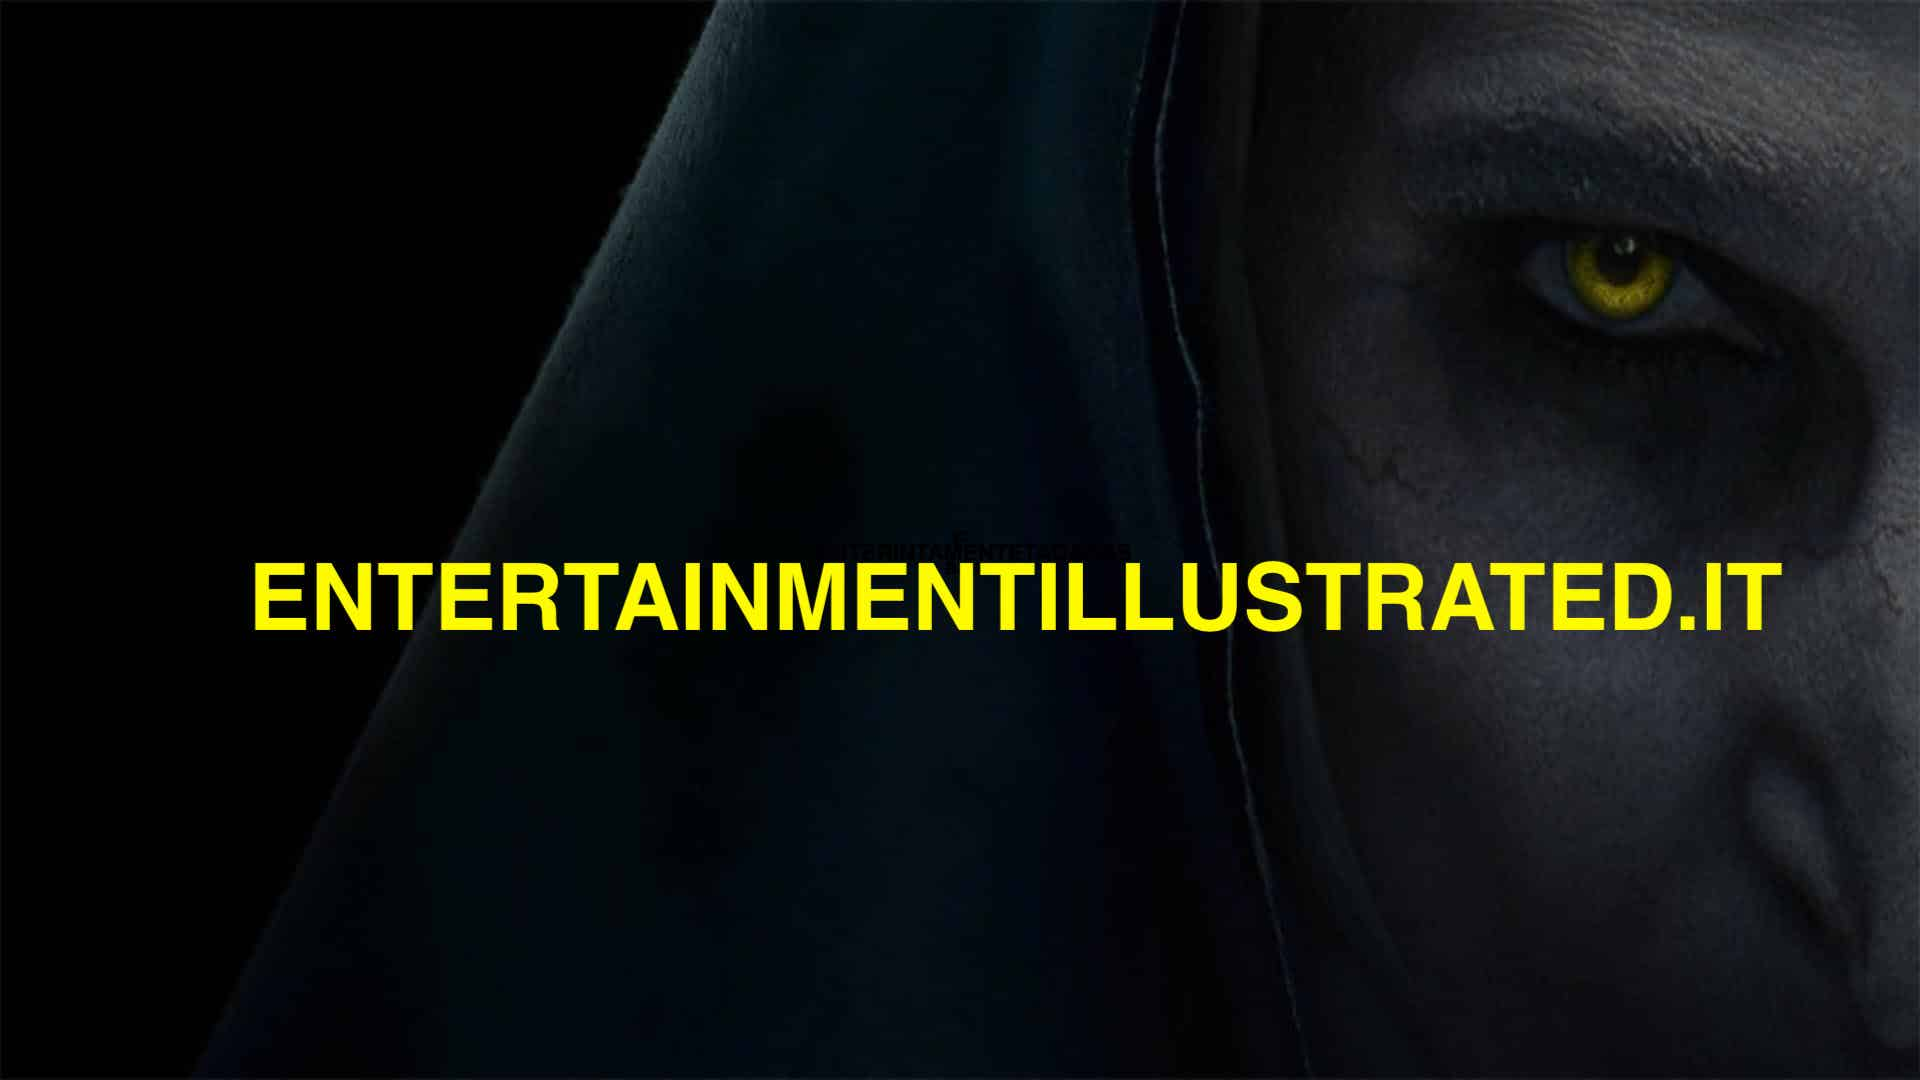 È in uscita Il talento del calabrone, dal 5 marzo al cinema - Entertainment  illustrated